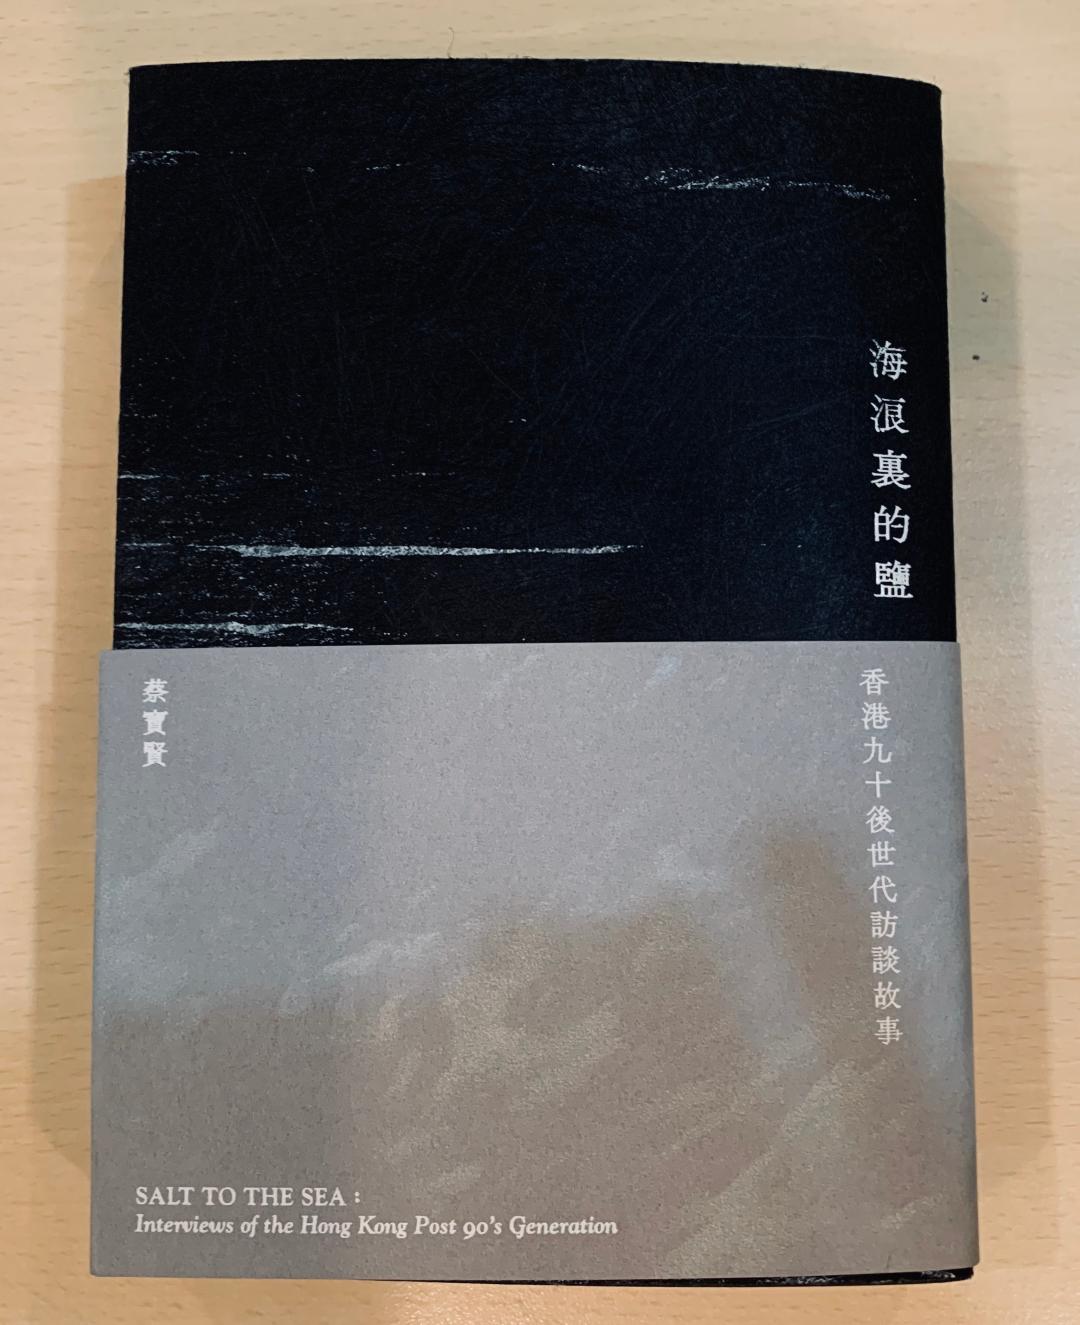 《海浪裡的鹽:香港九十後世代訪談故事》下